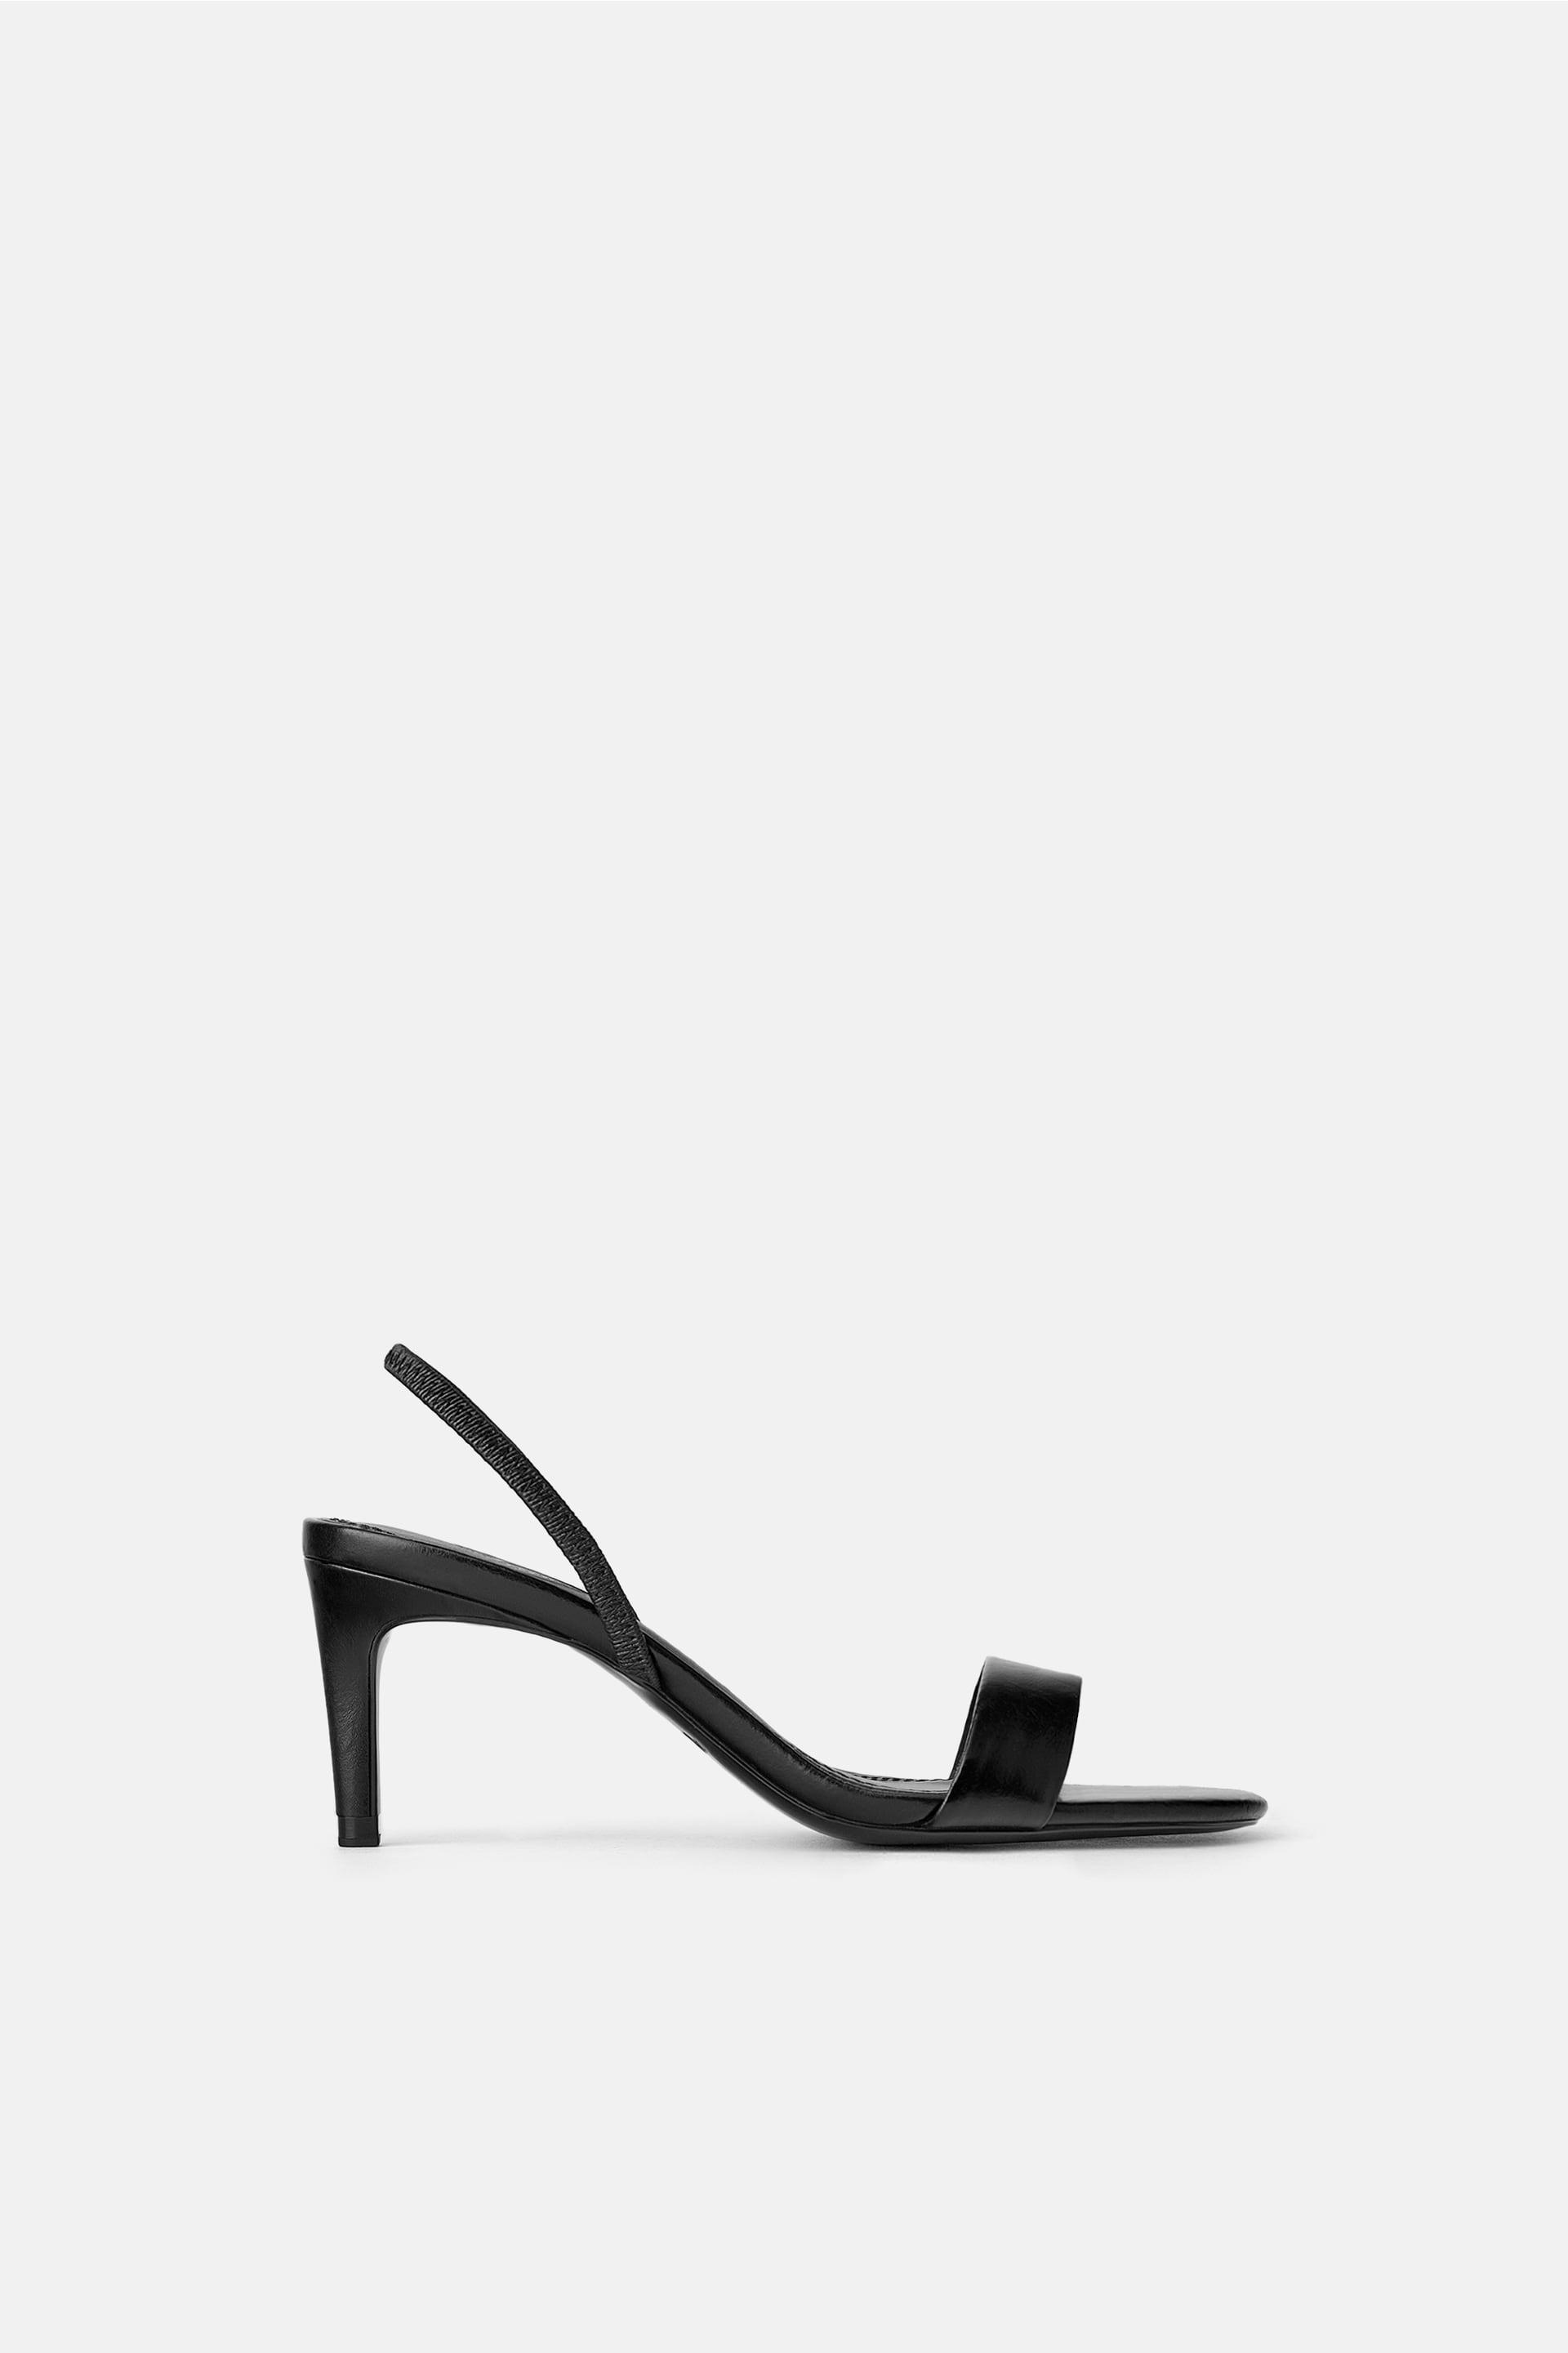 Fashion Blogger De 2019 Moda Lulalogy Zapatos Mexico c3lKJF1T